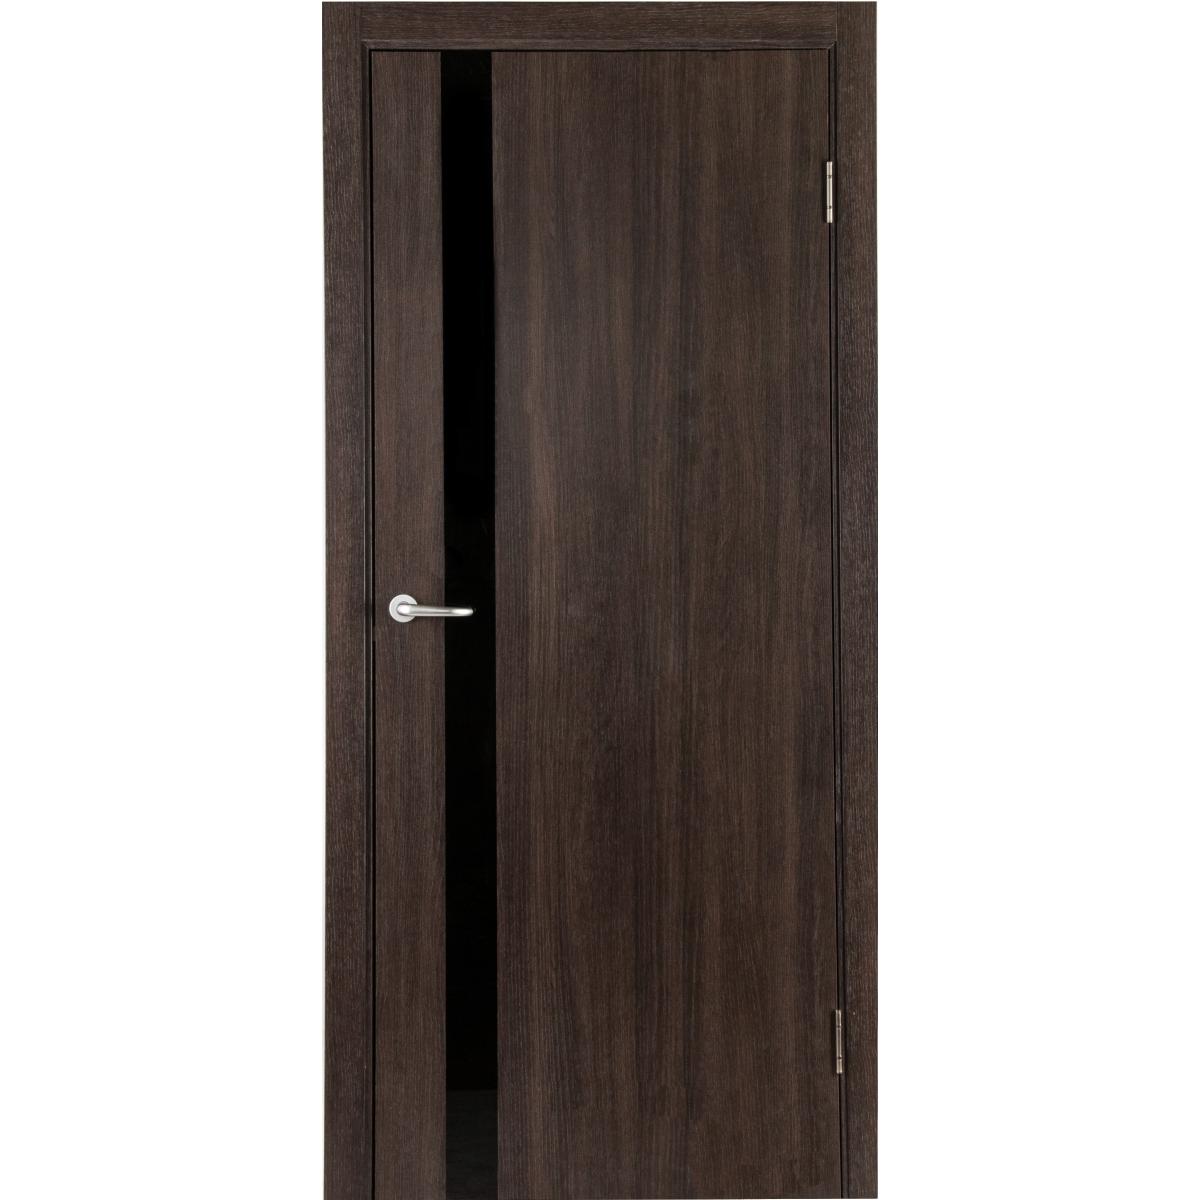 Дверь Межкомнатная Глухая С Замком И Петлями В Комплекте Мирра 60x200 Hardflex Цвет Дуб Кастелло